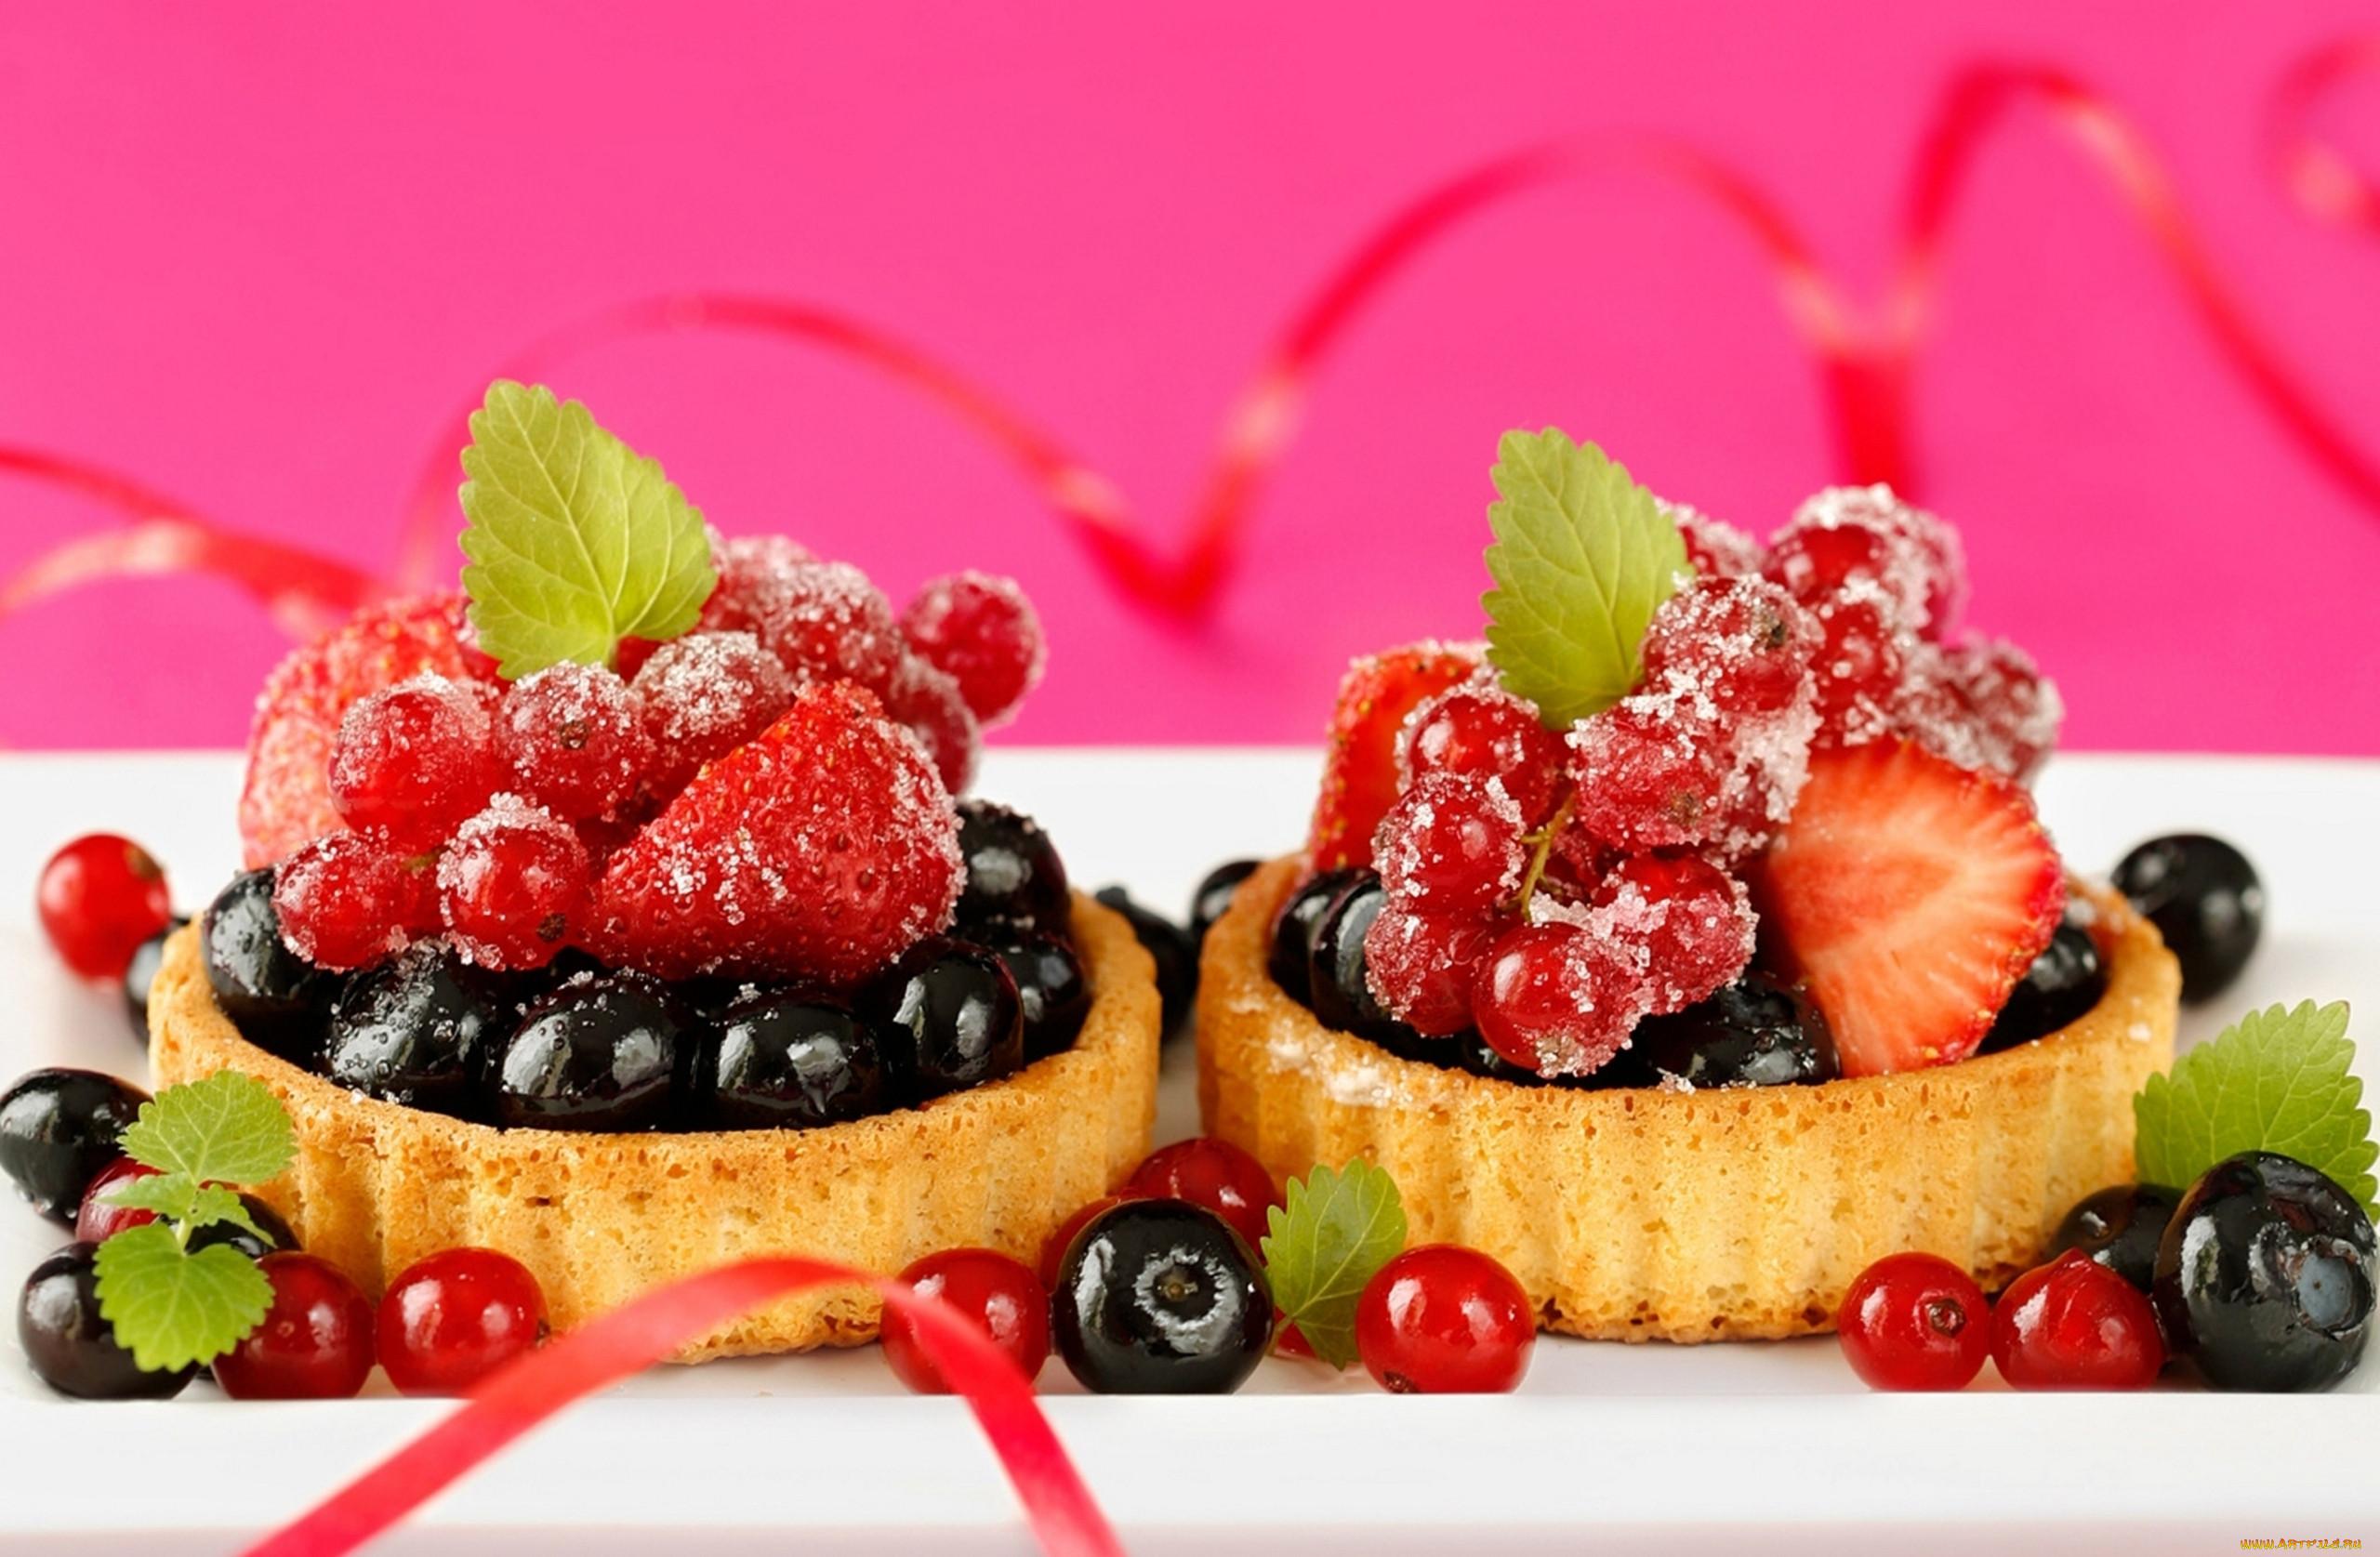 название пирожные с ягодами картинки тому